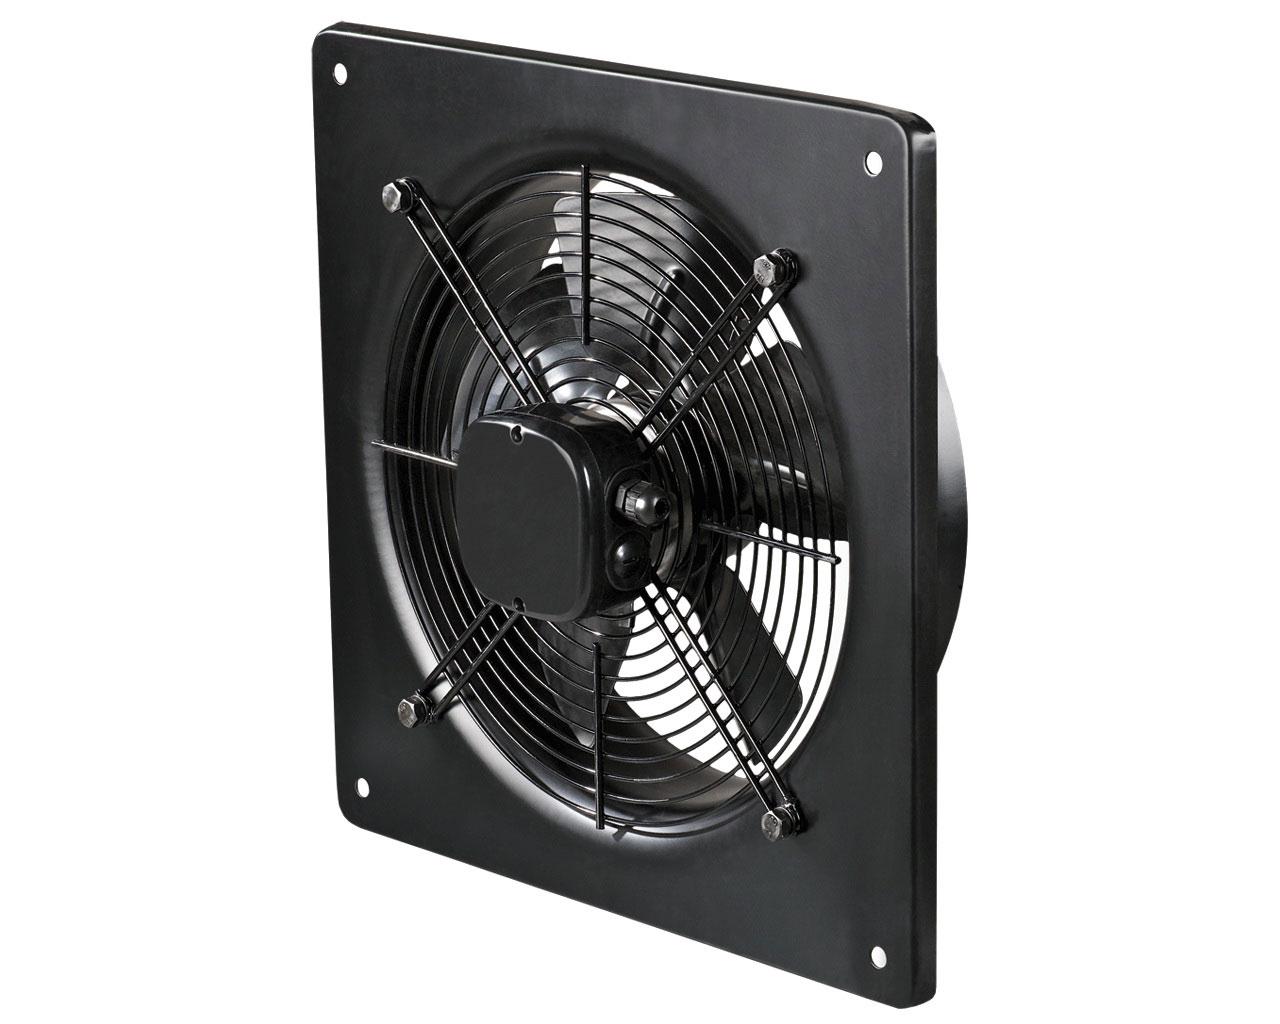 SMGG Aksijalni ventilator - Serija OV